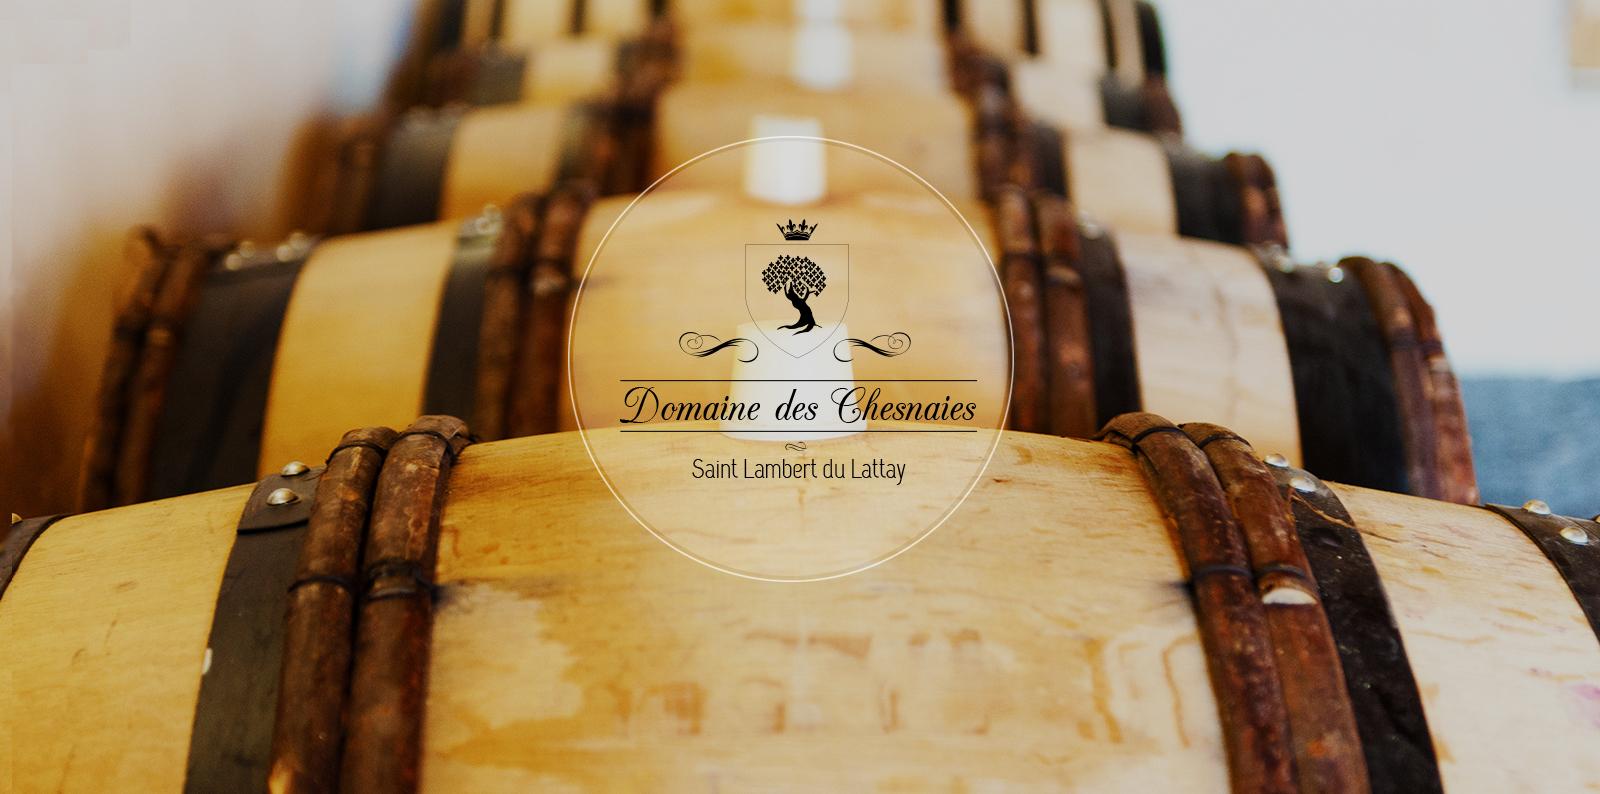 Découvrez les vins du Domaine des Chesnaies, un des grands terroirs du Val de Loire